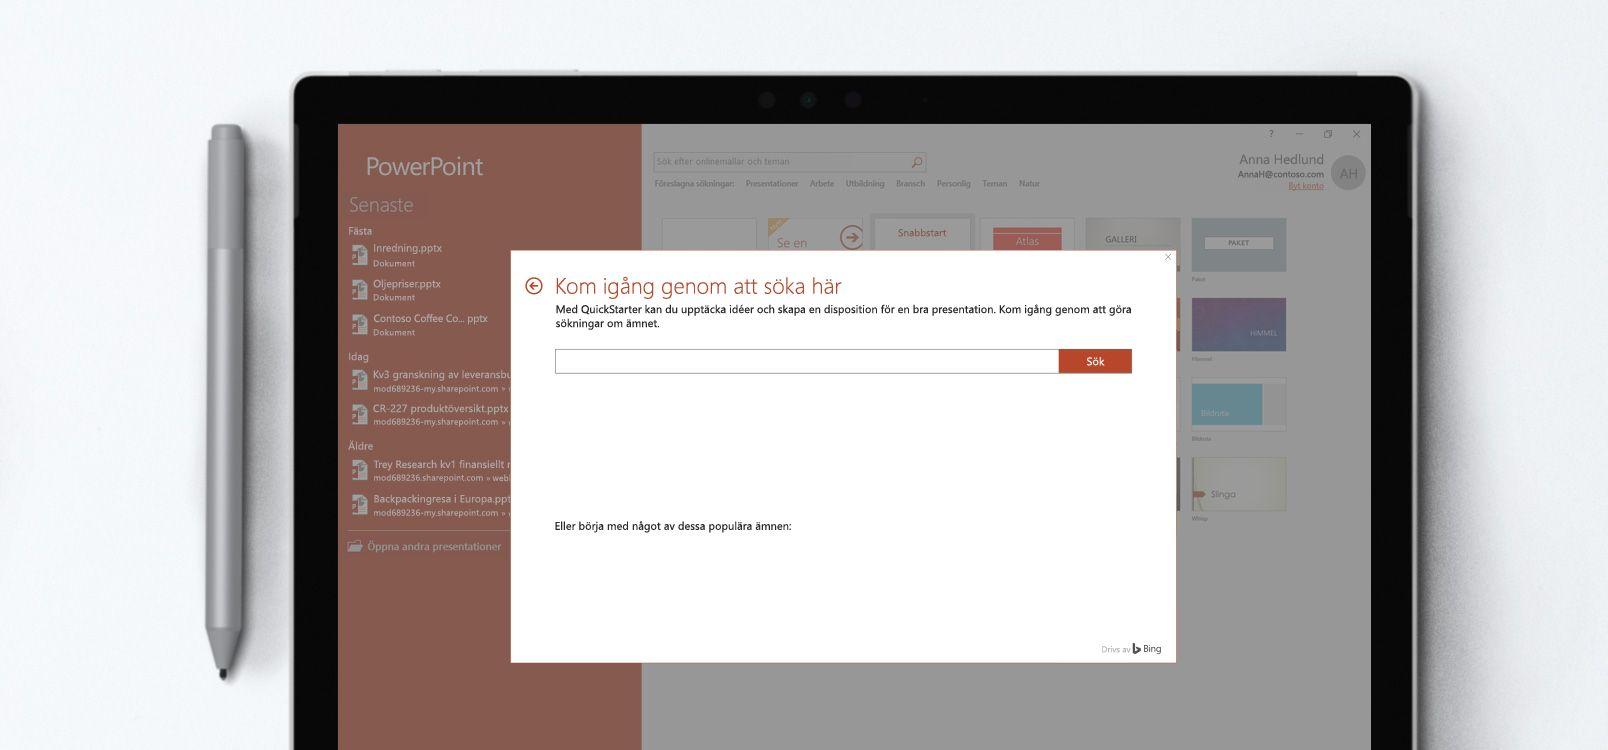 Surfplatta med ett PowerPoint-dokument som använder funktionen Snabbstart